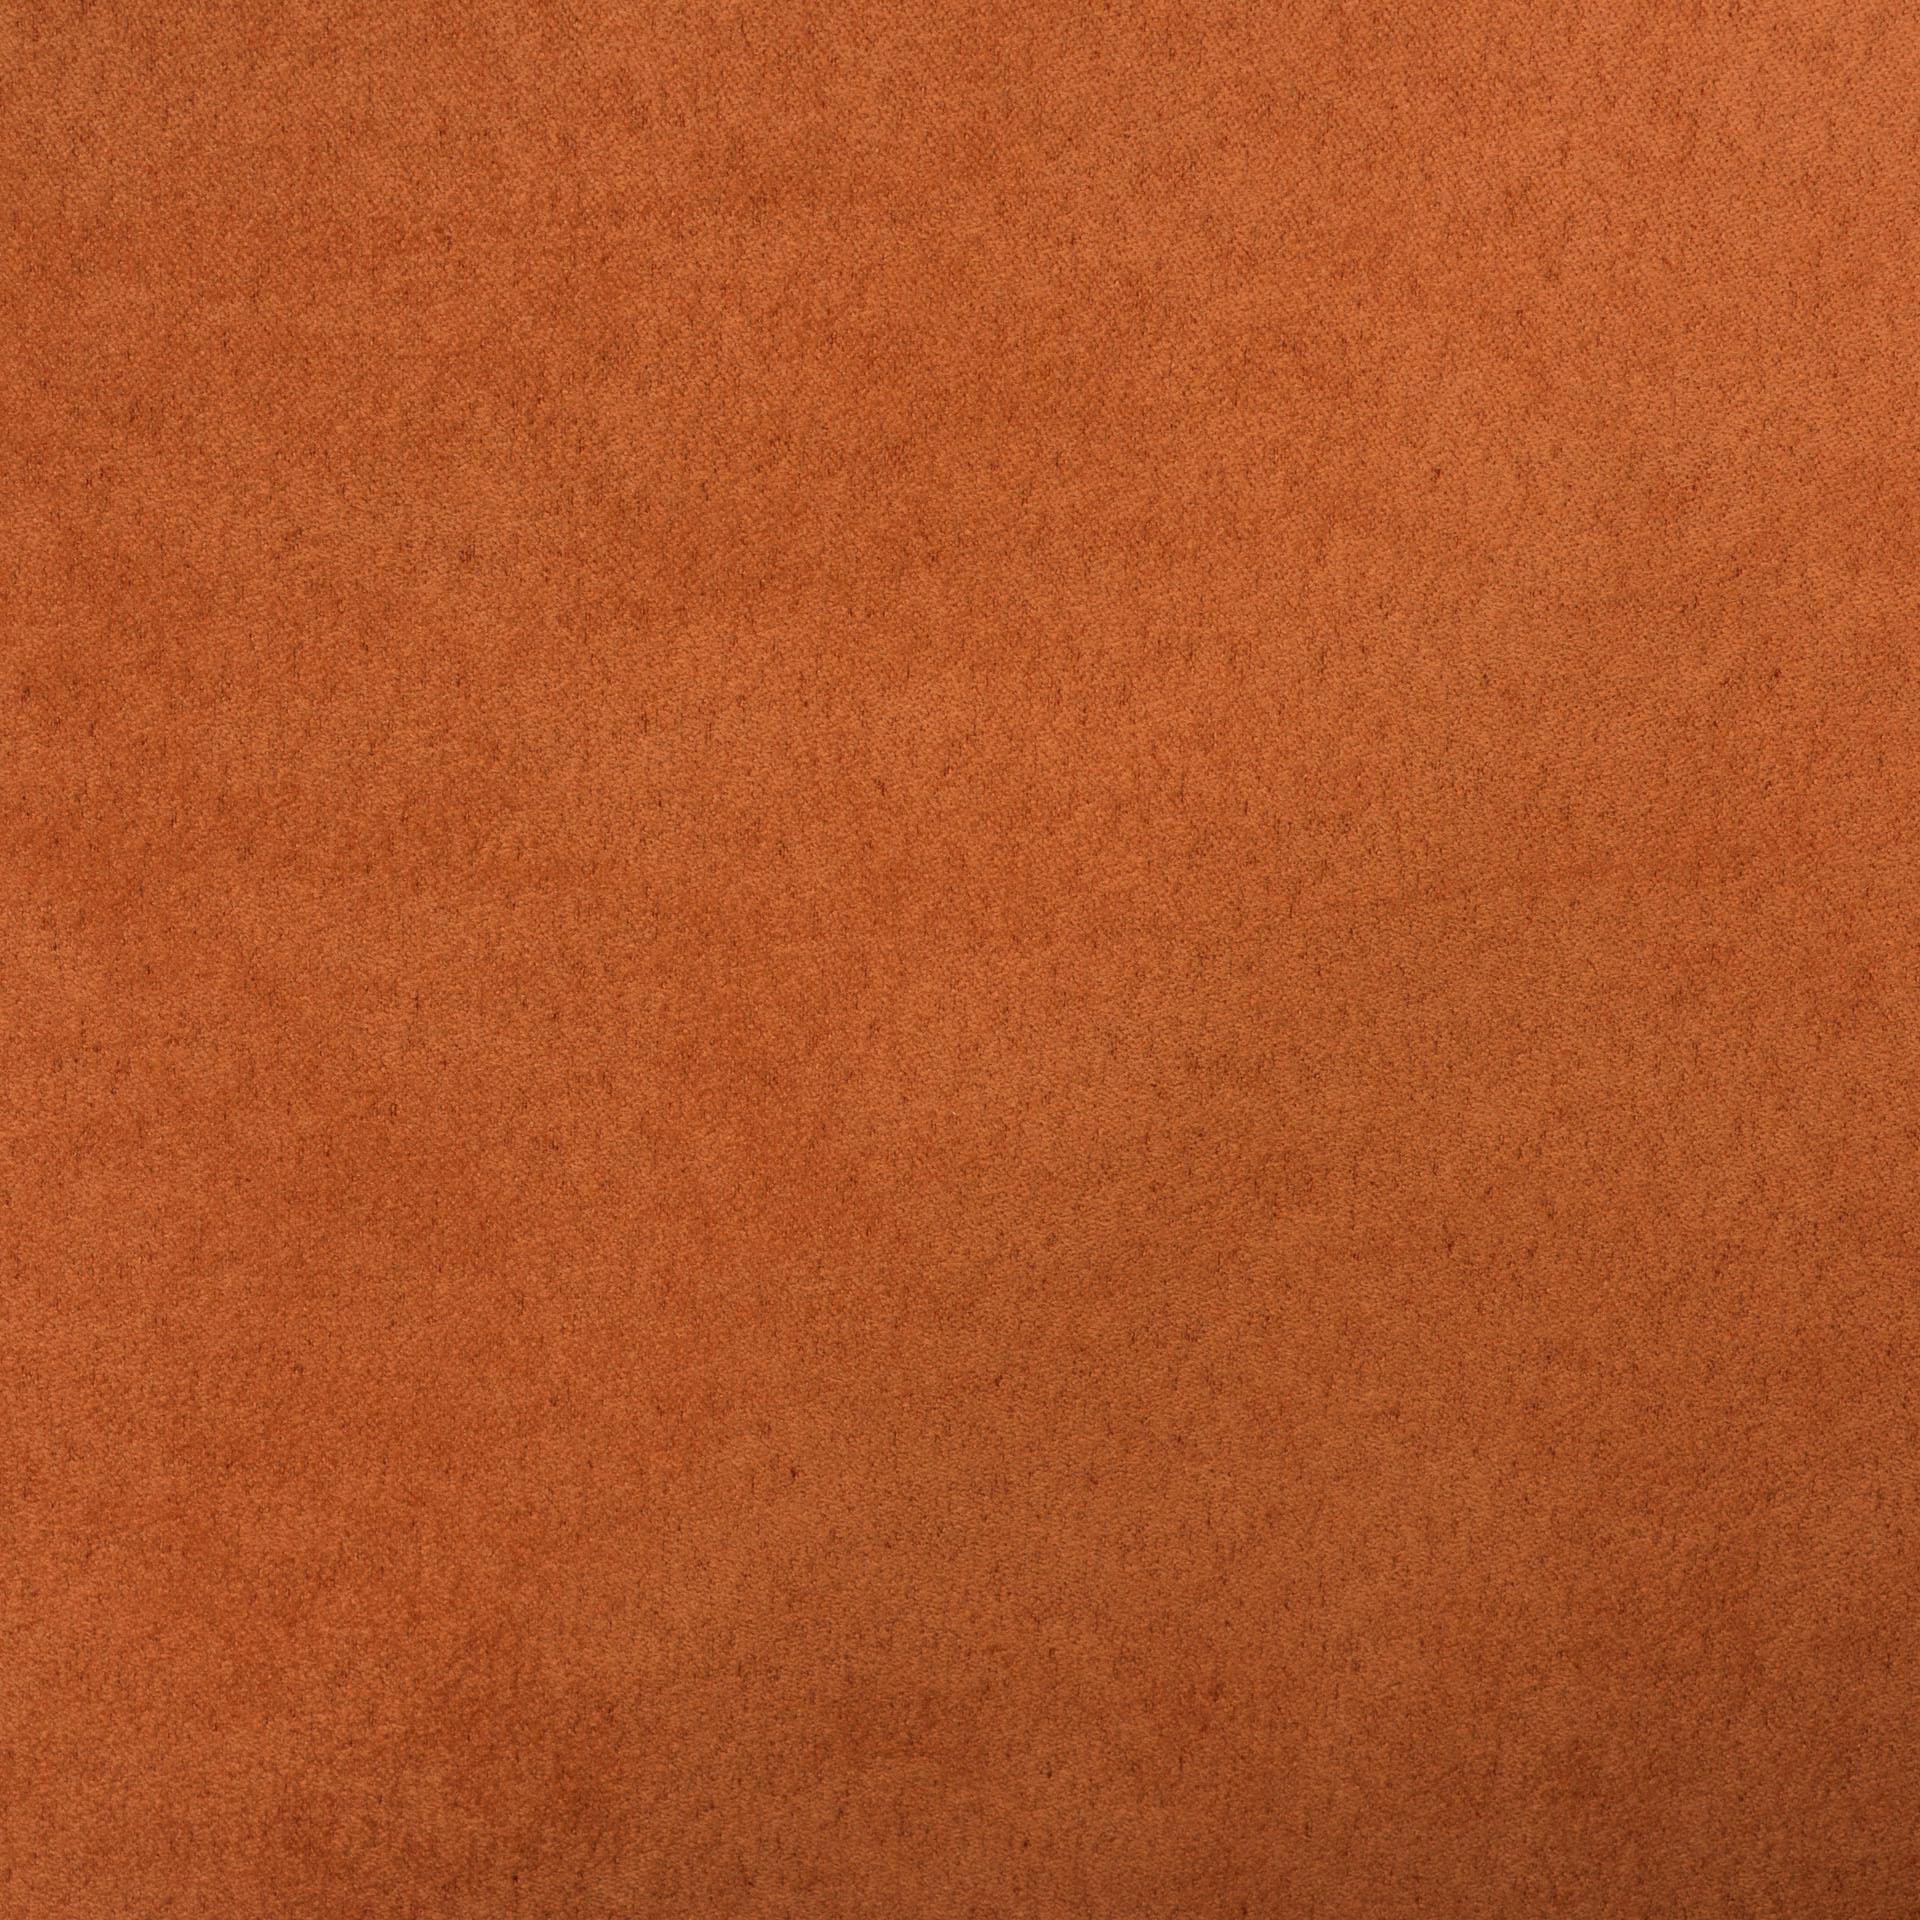 Коллекция ткани Бонд TERRACOTTA 07,  купить ткань Велюр для мебели Украина